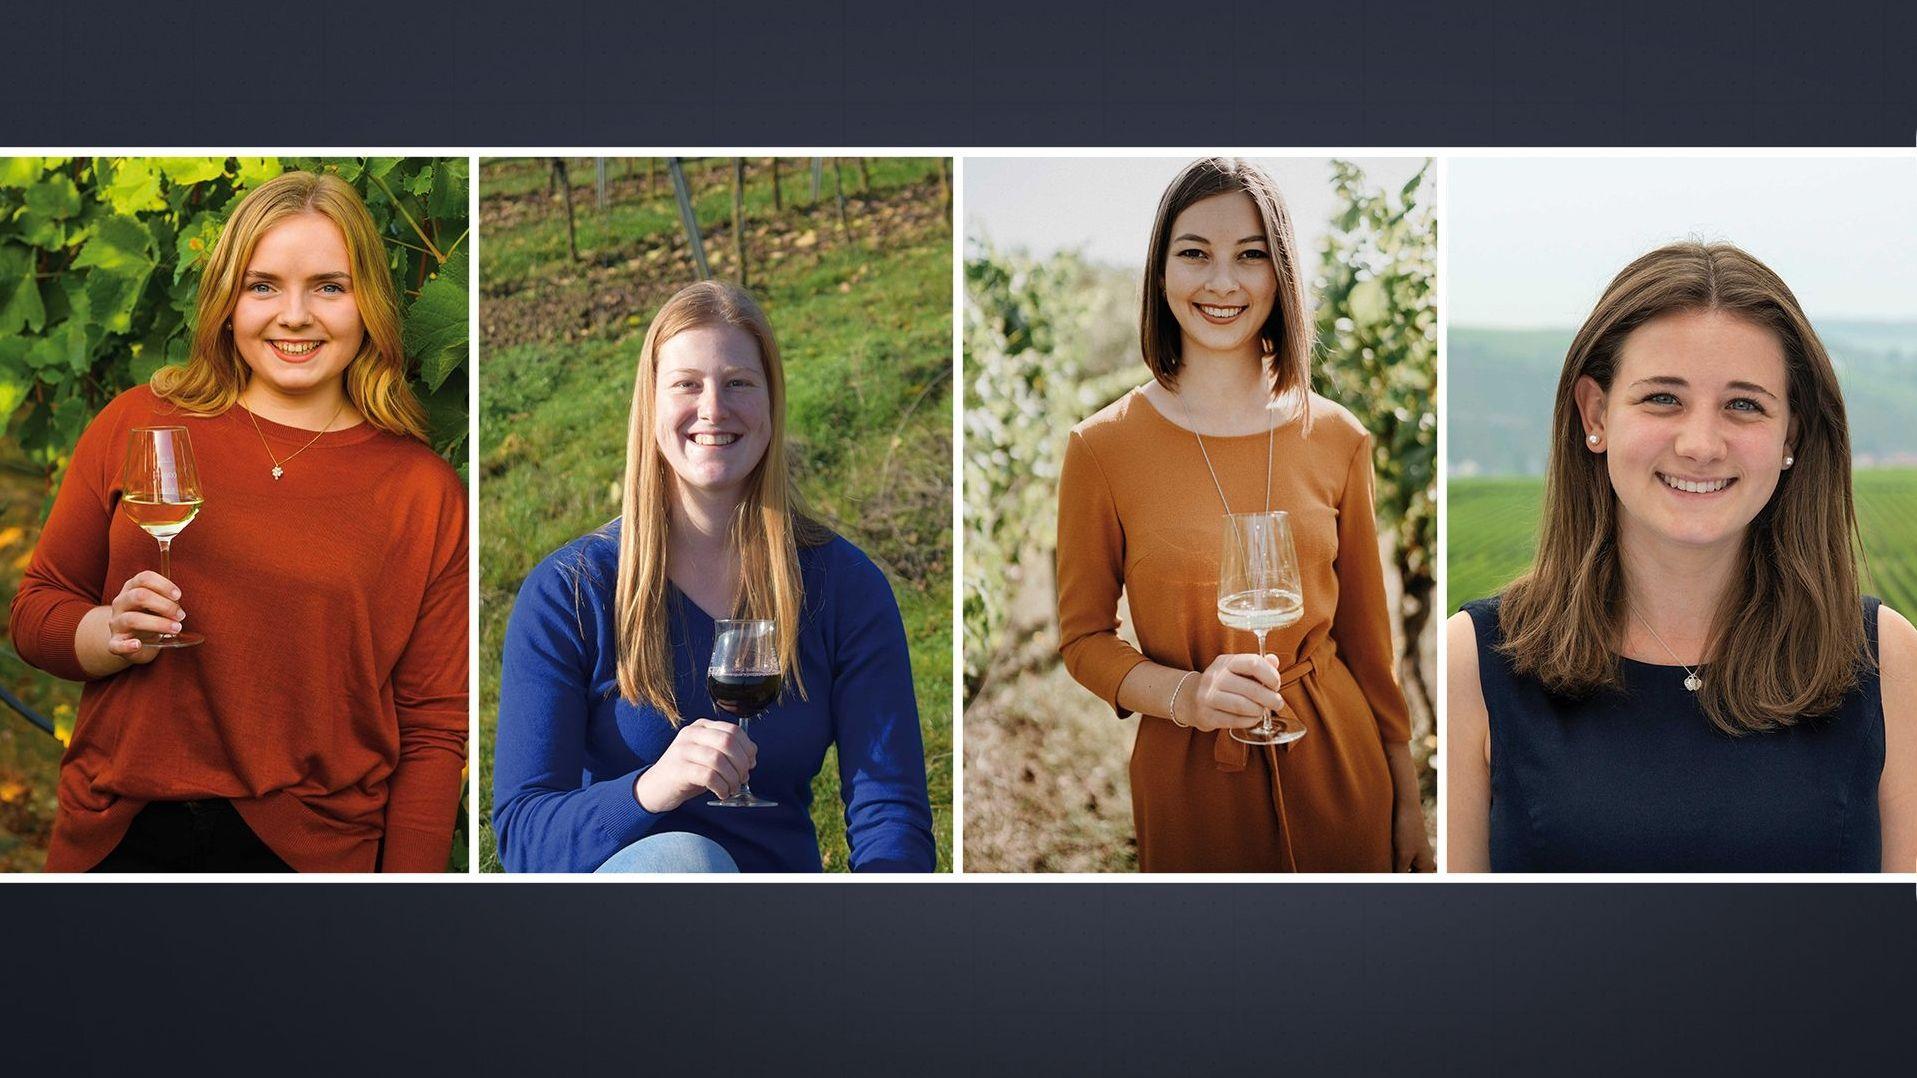 Vier junge Frauen wollen Fränkische Weinkönigin werden